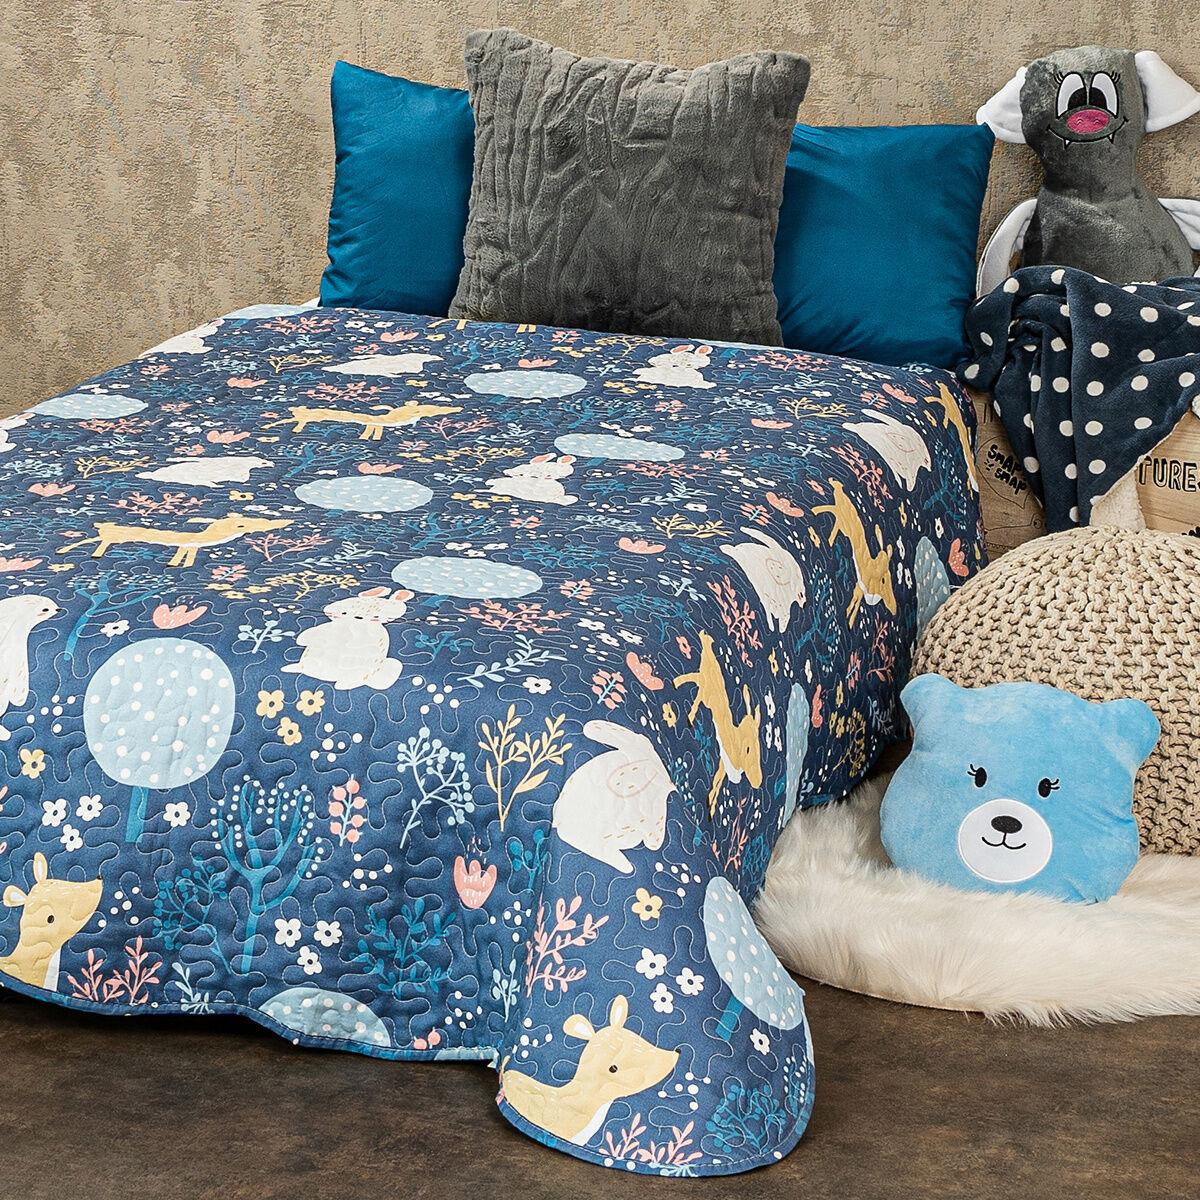 4Home Narzuta dziecięca na łóżko Nordic Woodland, 140 x 200 cm